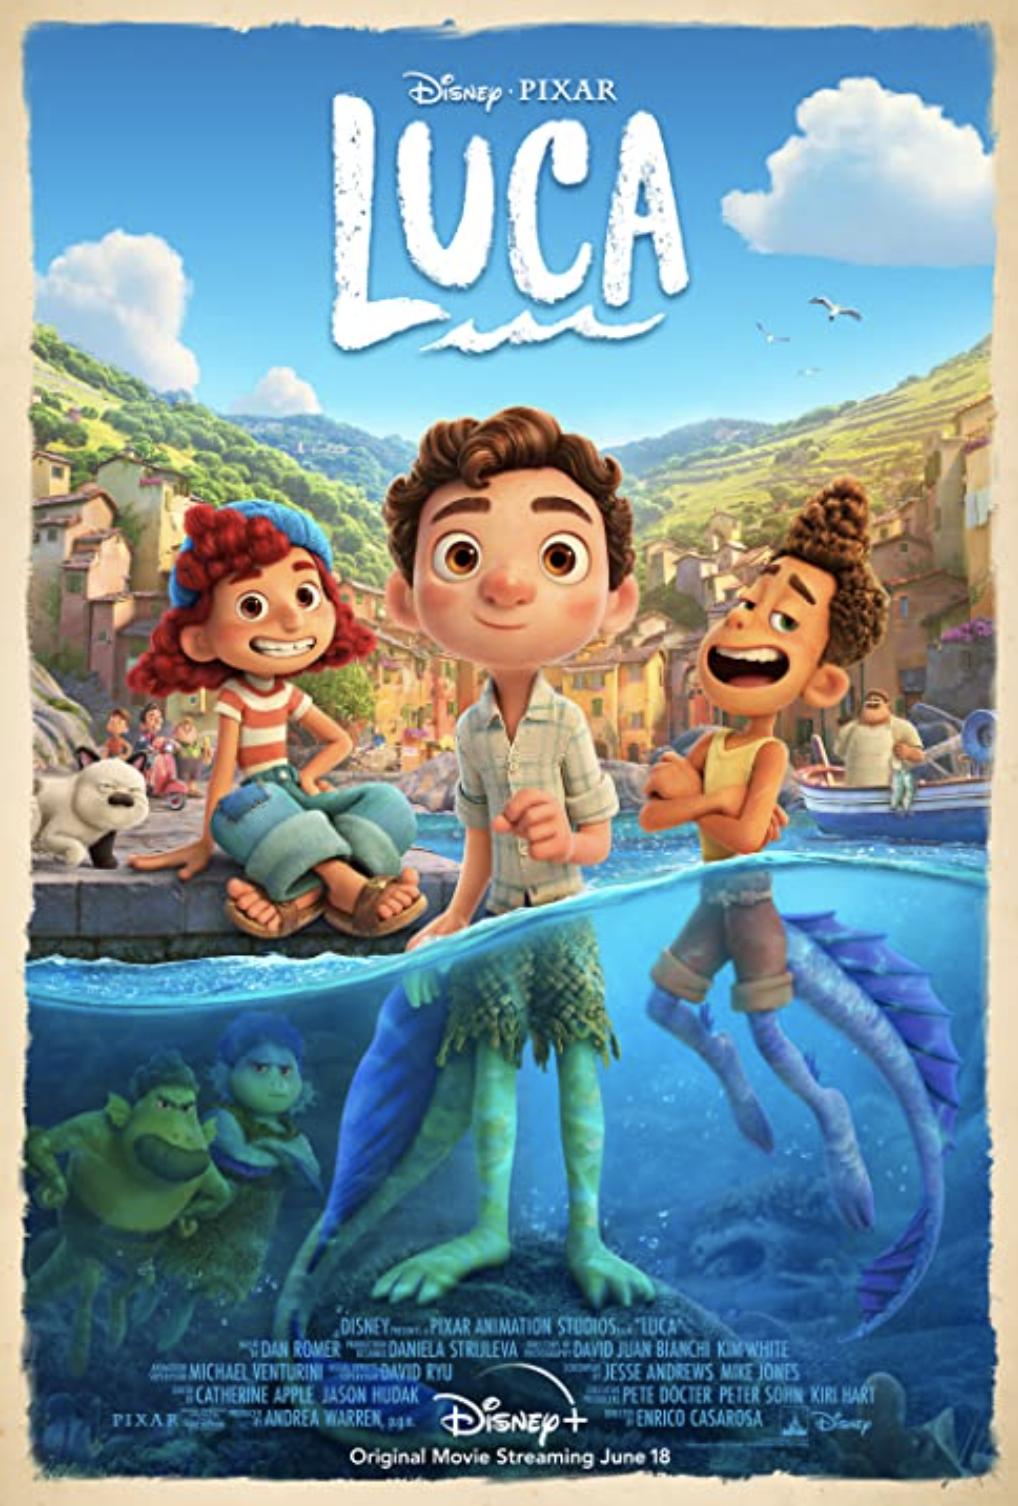 'Luca' review: A breezy summer adventure